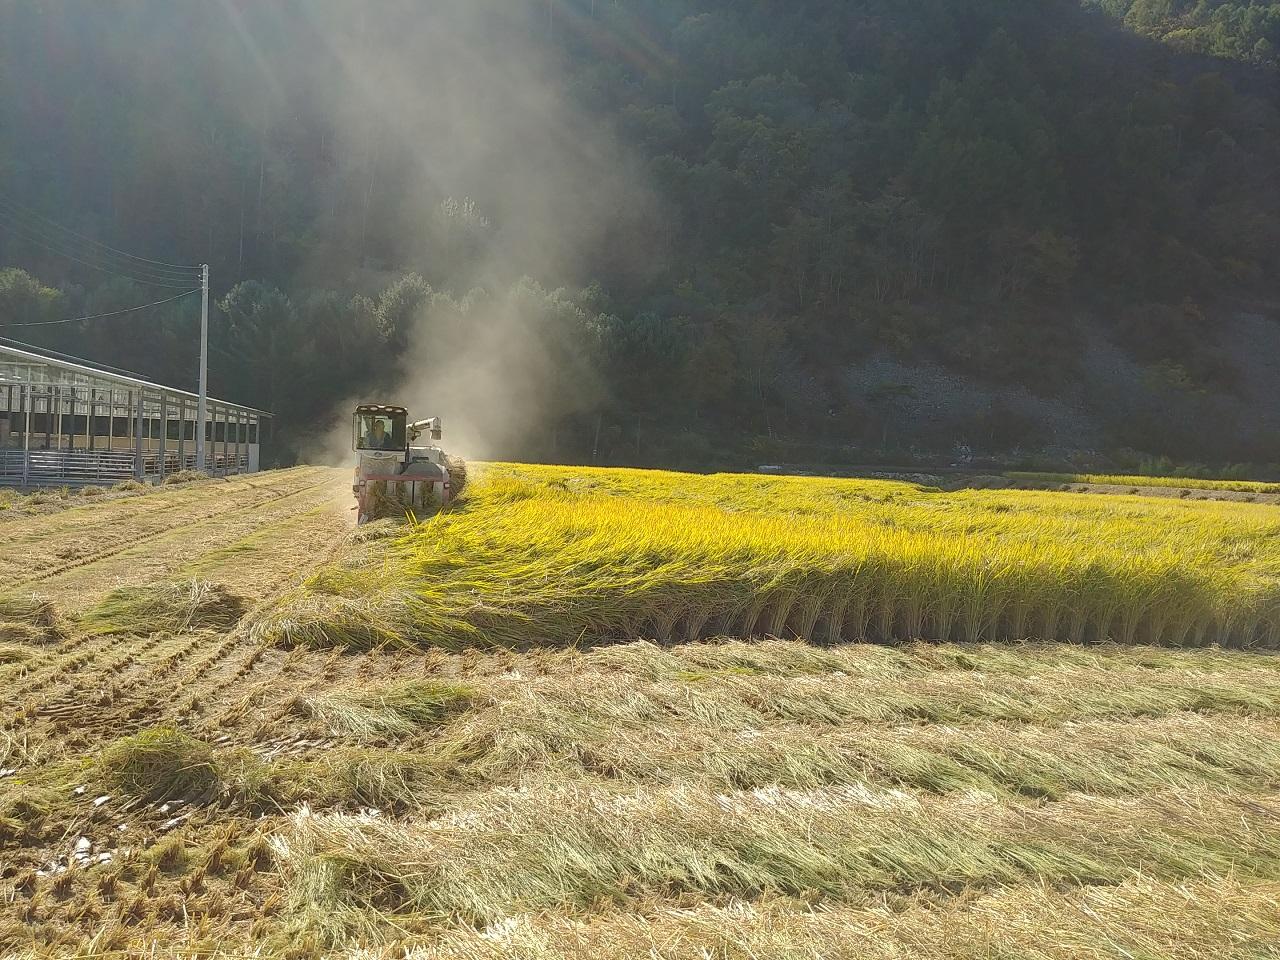 만생종인 삼광벼를 수확하는 모습이다.